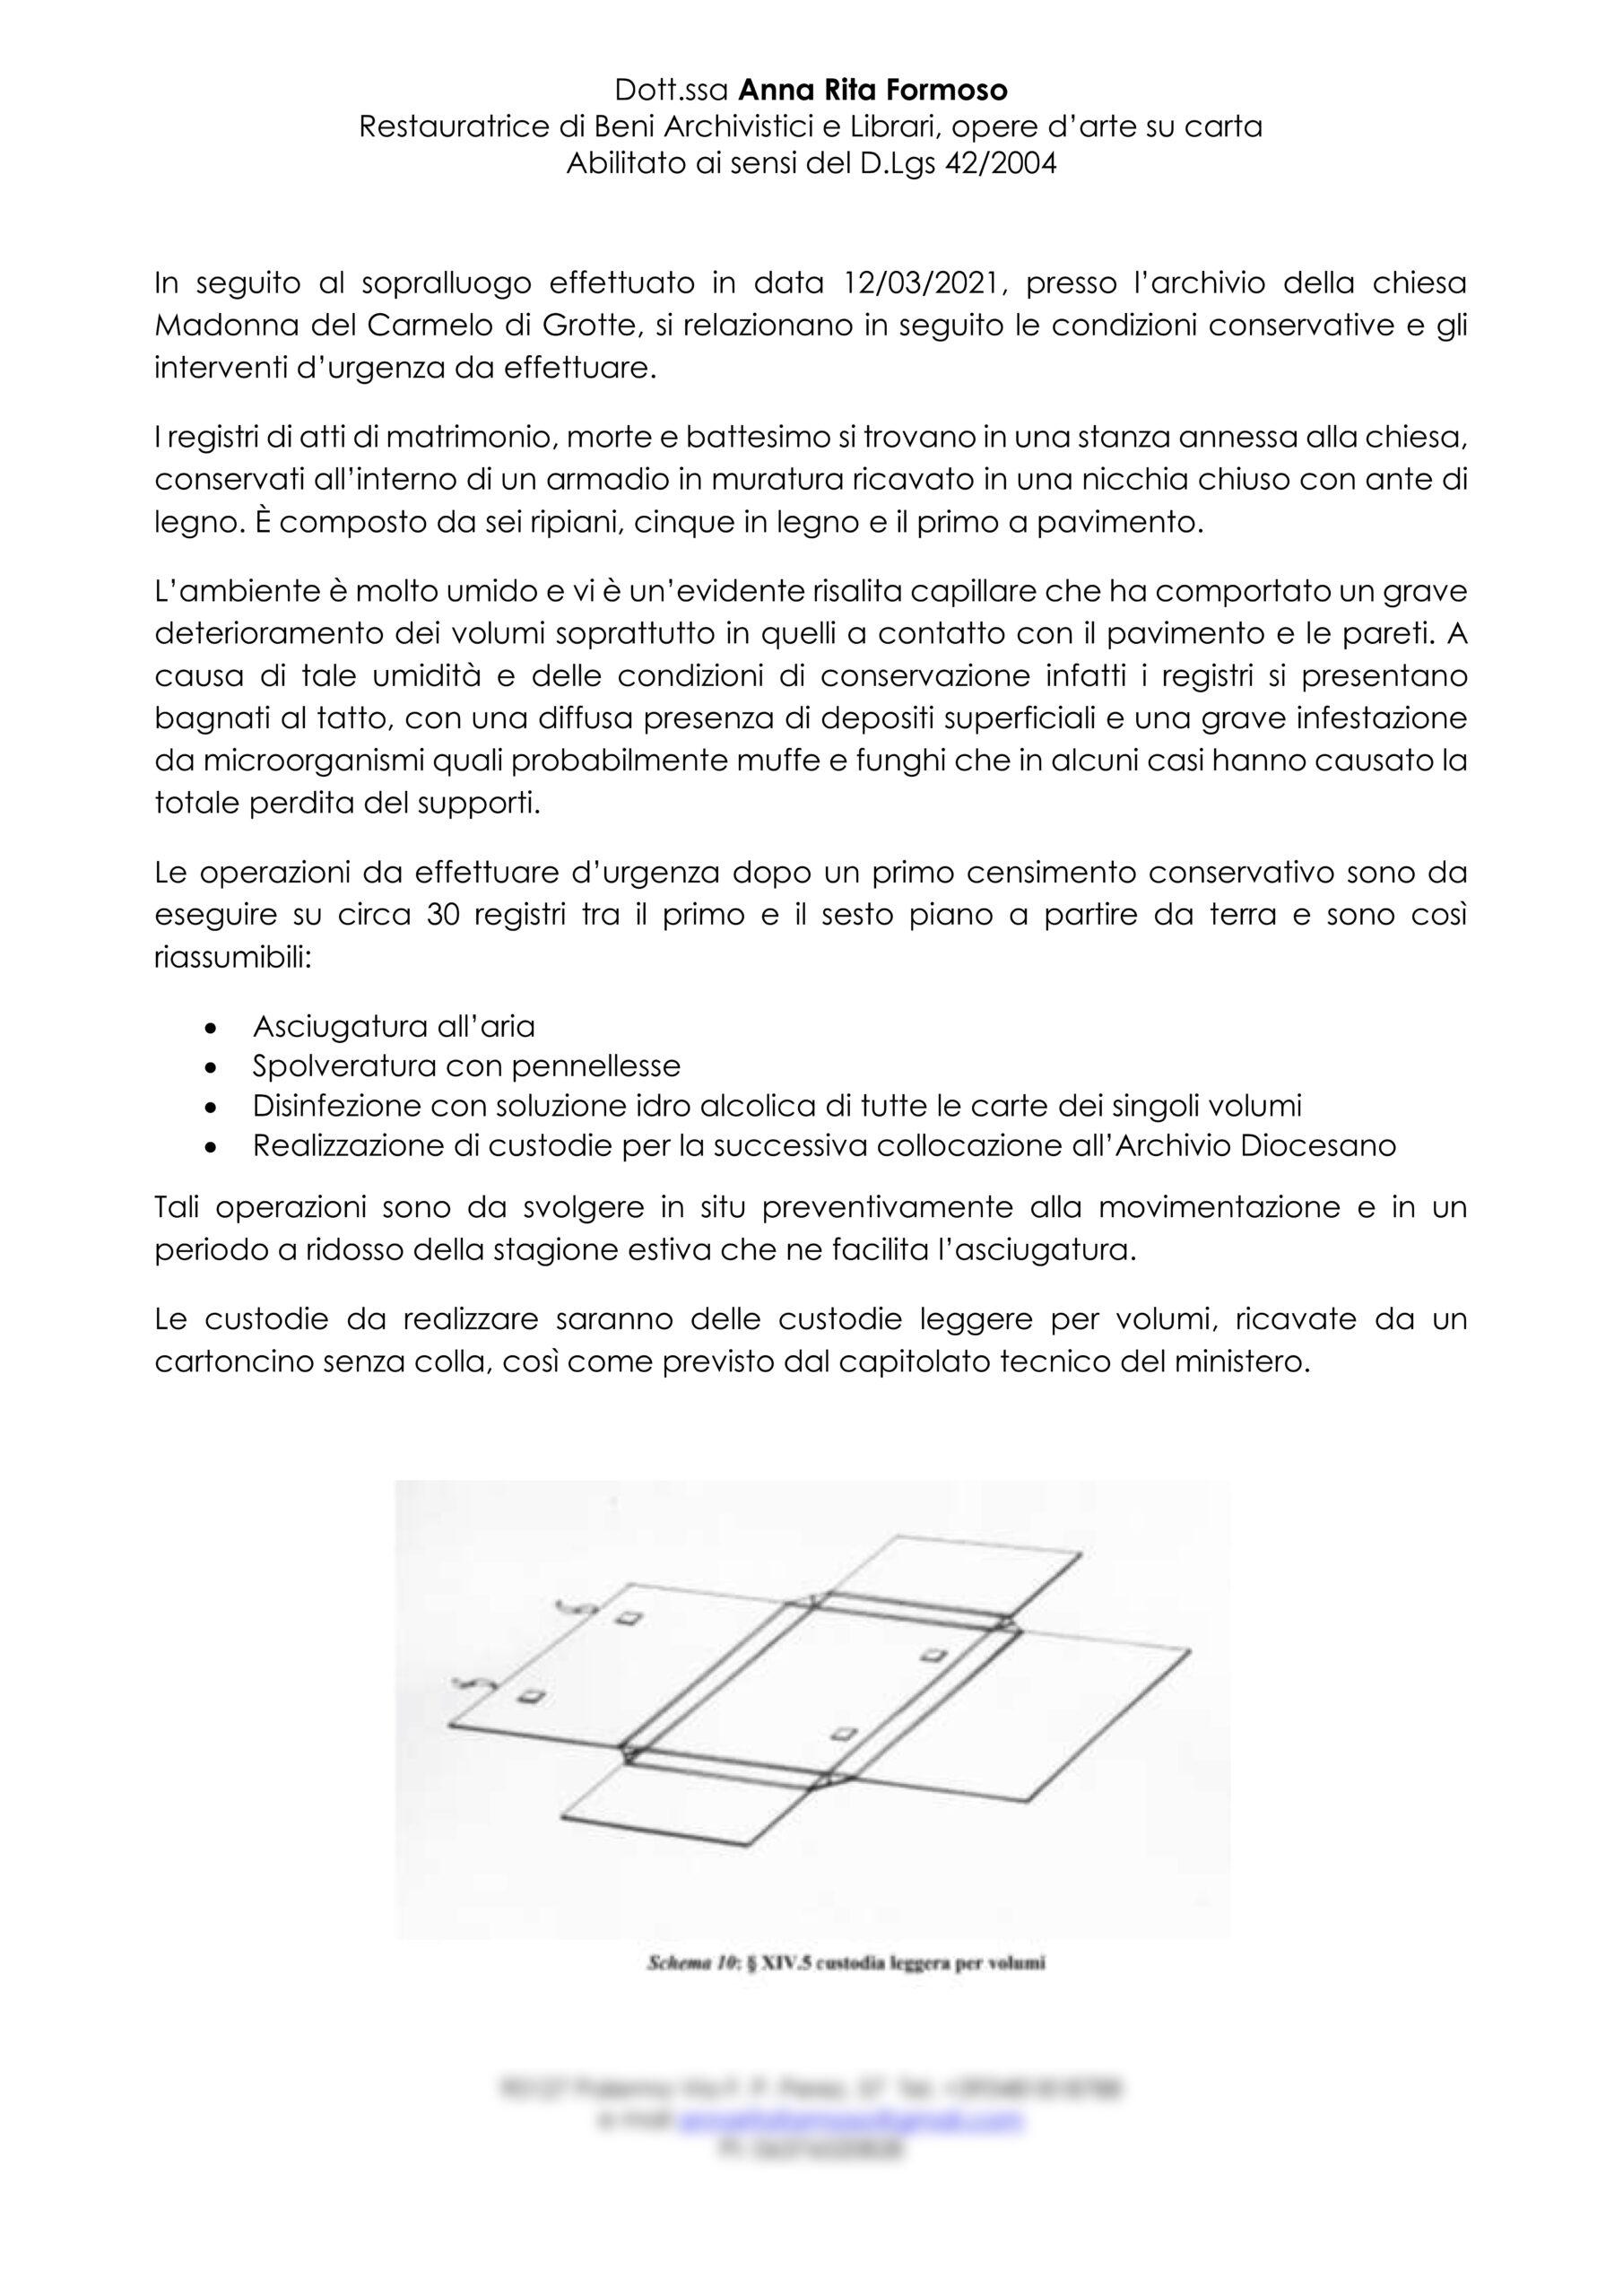 Relazione Archivio chiesa Madonna del Carmelo Grotte1